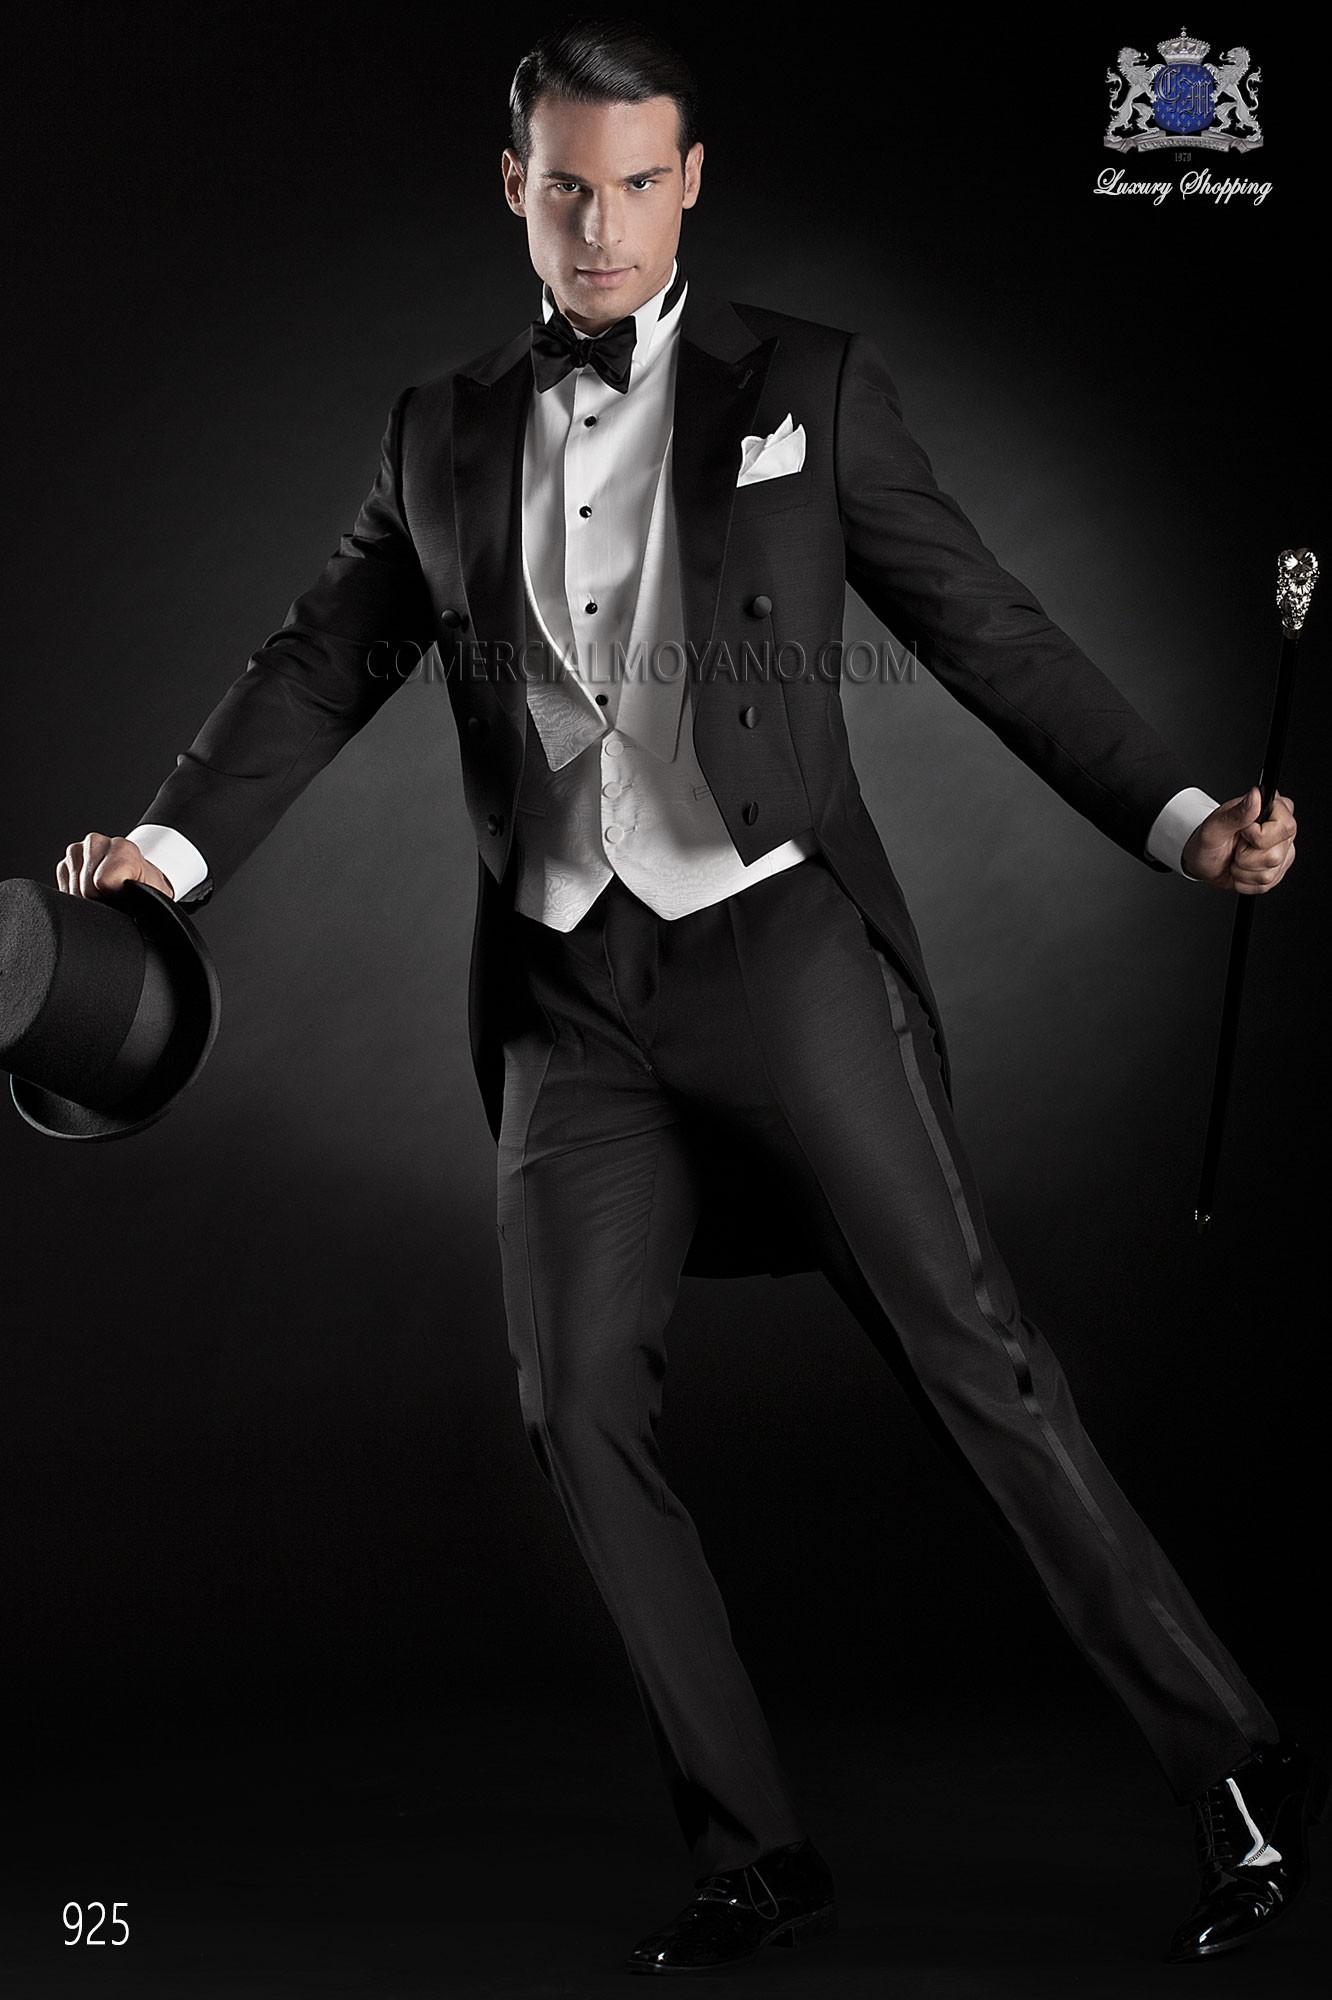 Traje de fiesta hombre negro modelo: 925 Ottavio Nuccio Gala colección Black Tie